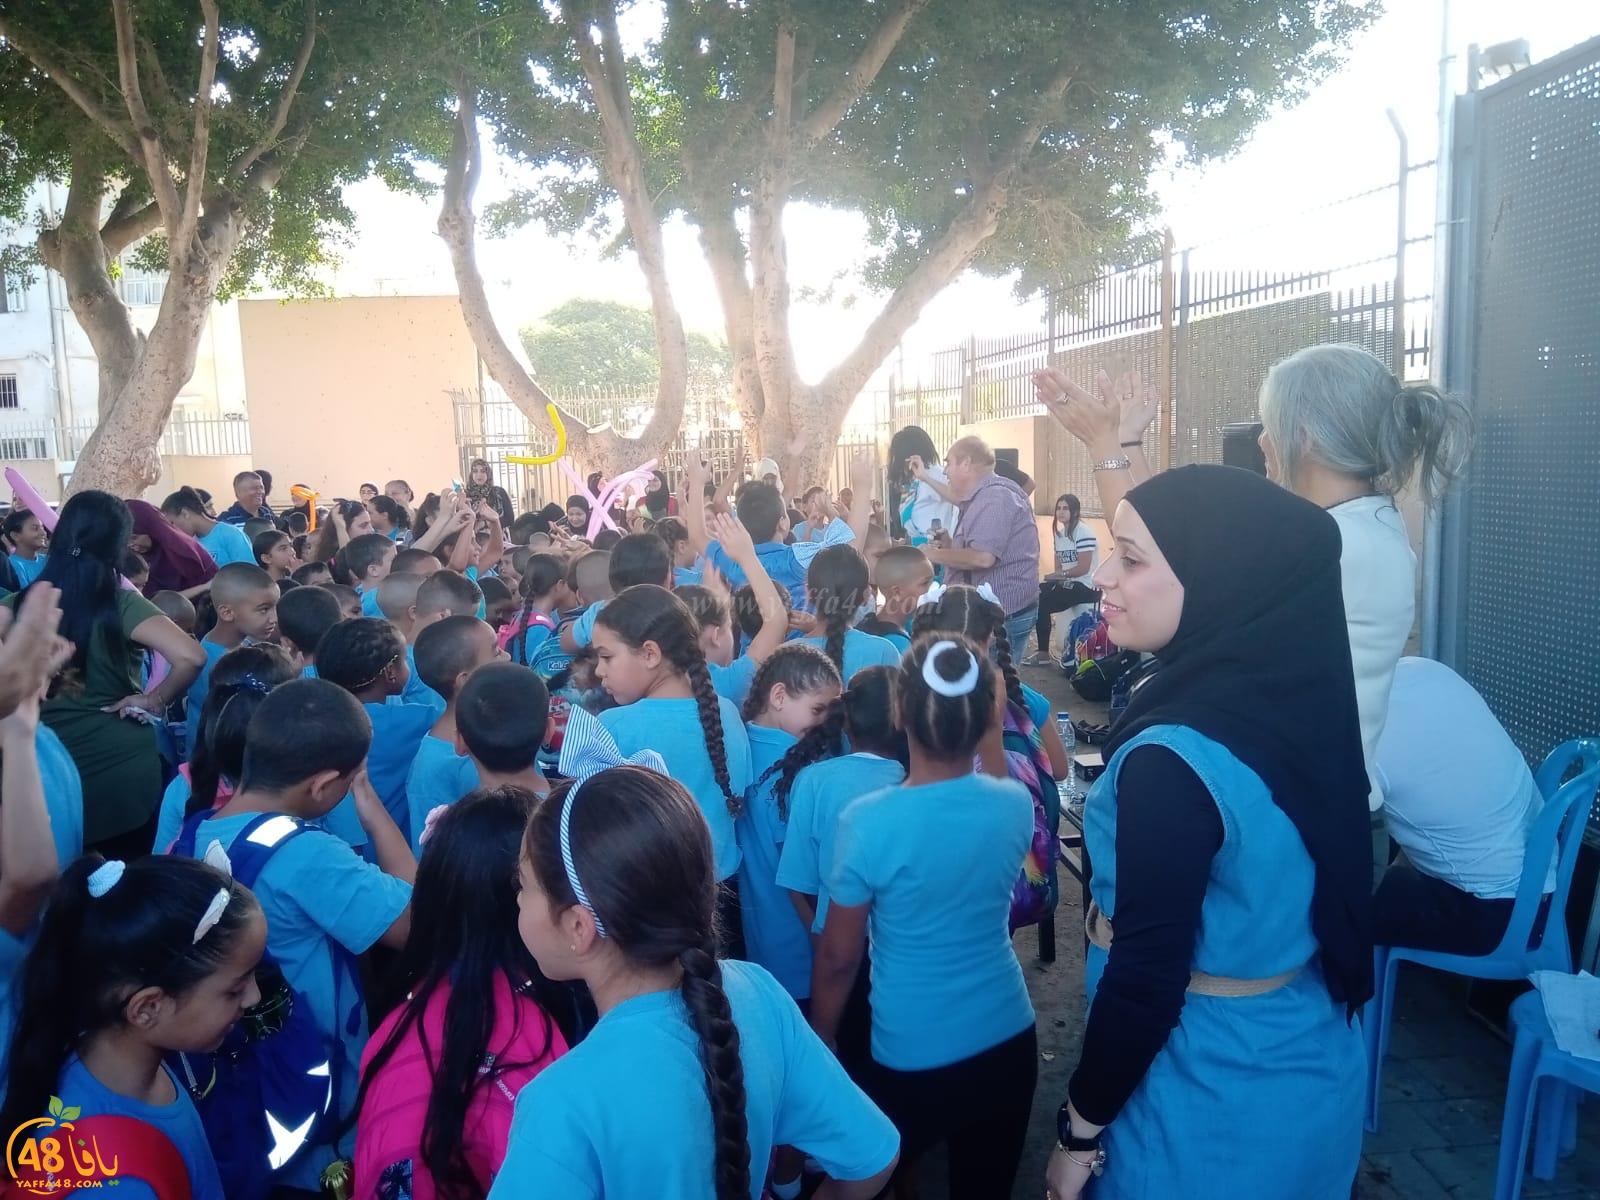 فيديو: افتتاح السنة الدراسية الجديدة في مدرسة الأخوة الابتدائية بيافا